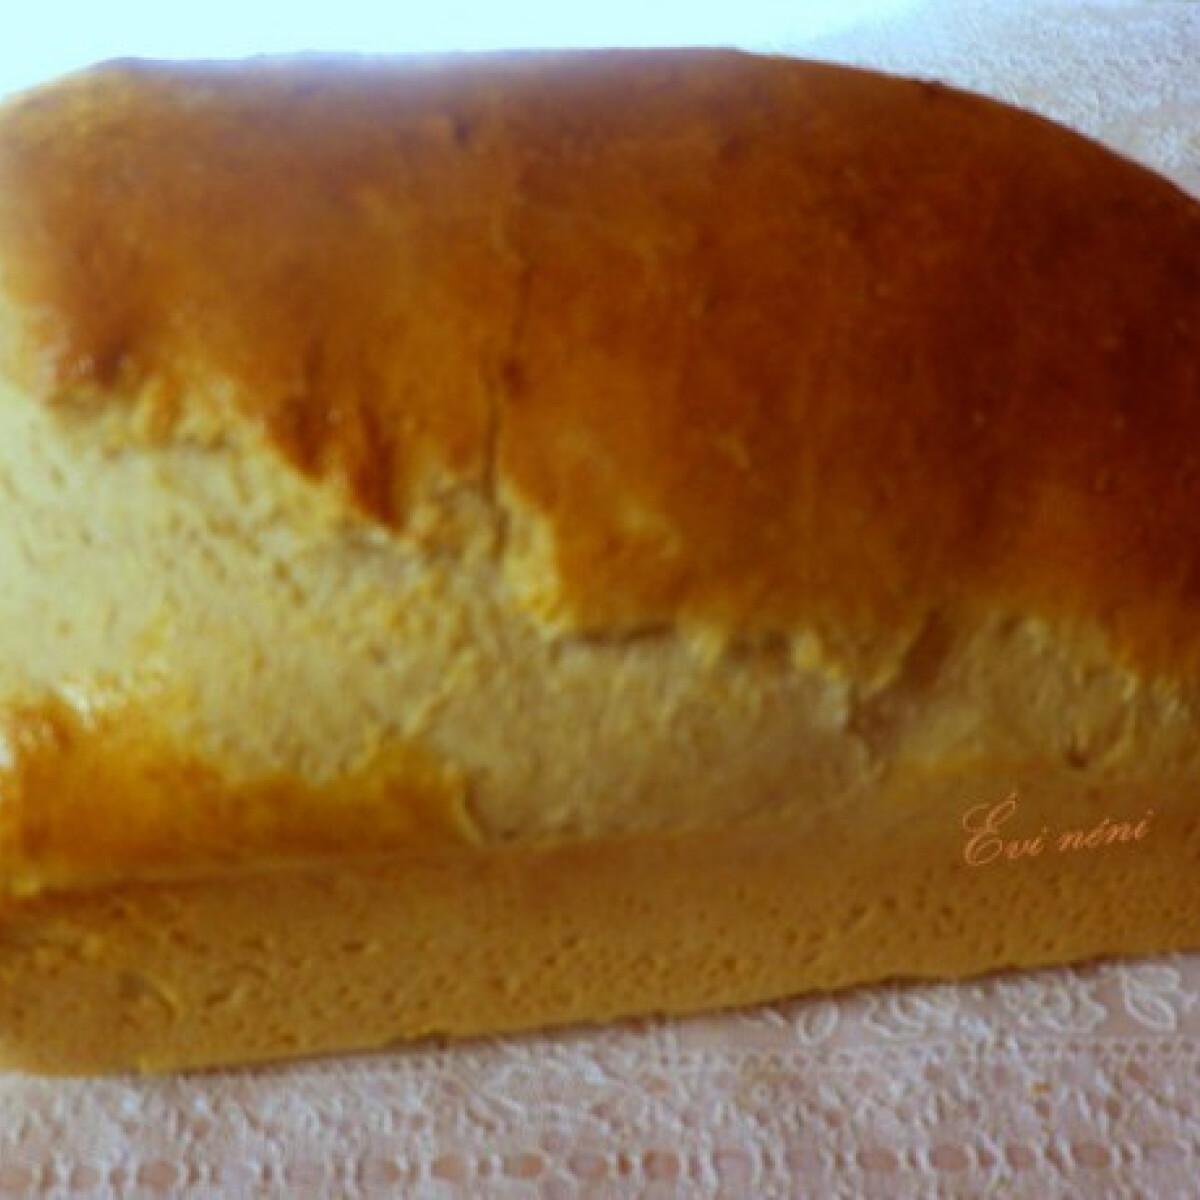 Fokhagymás kenyér Évi néni konyhájából